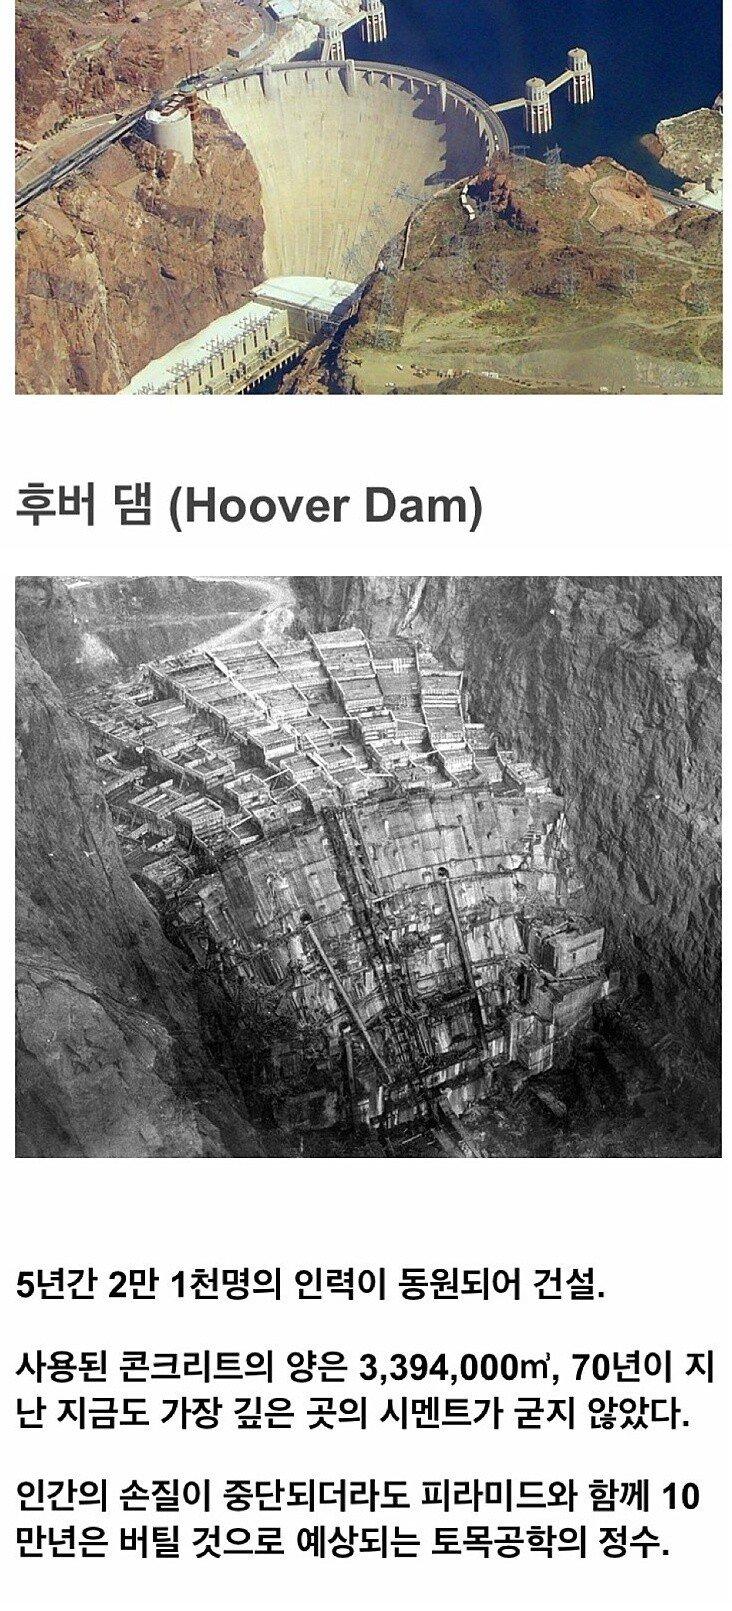 1546838921499349.jpg 인류가 멸망해도 10만년은 더 버틴다는 건축물